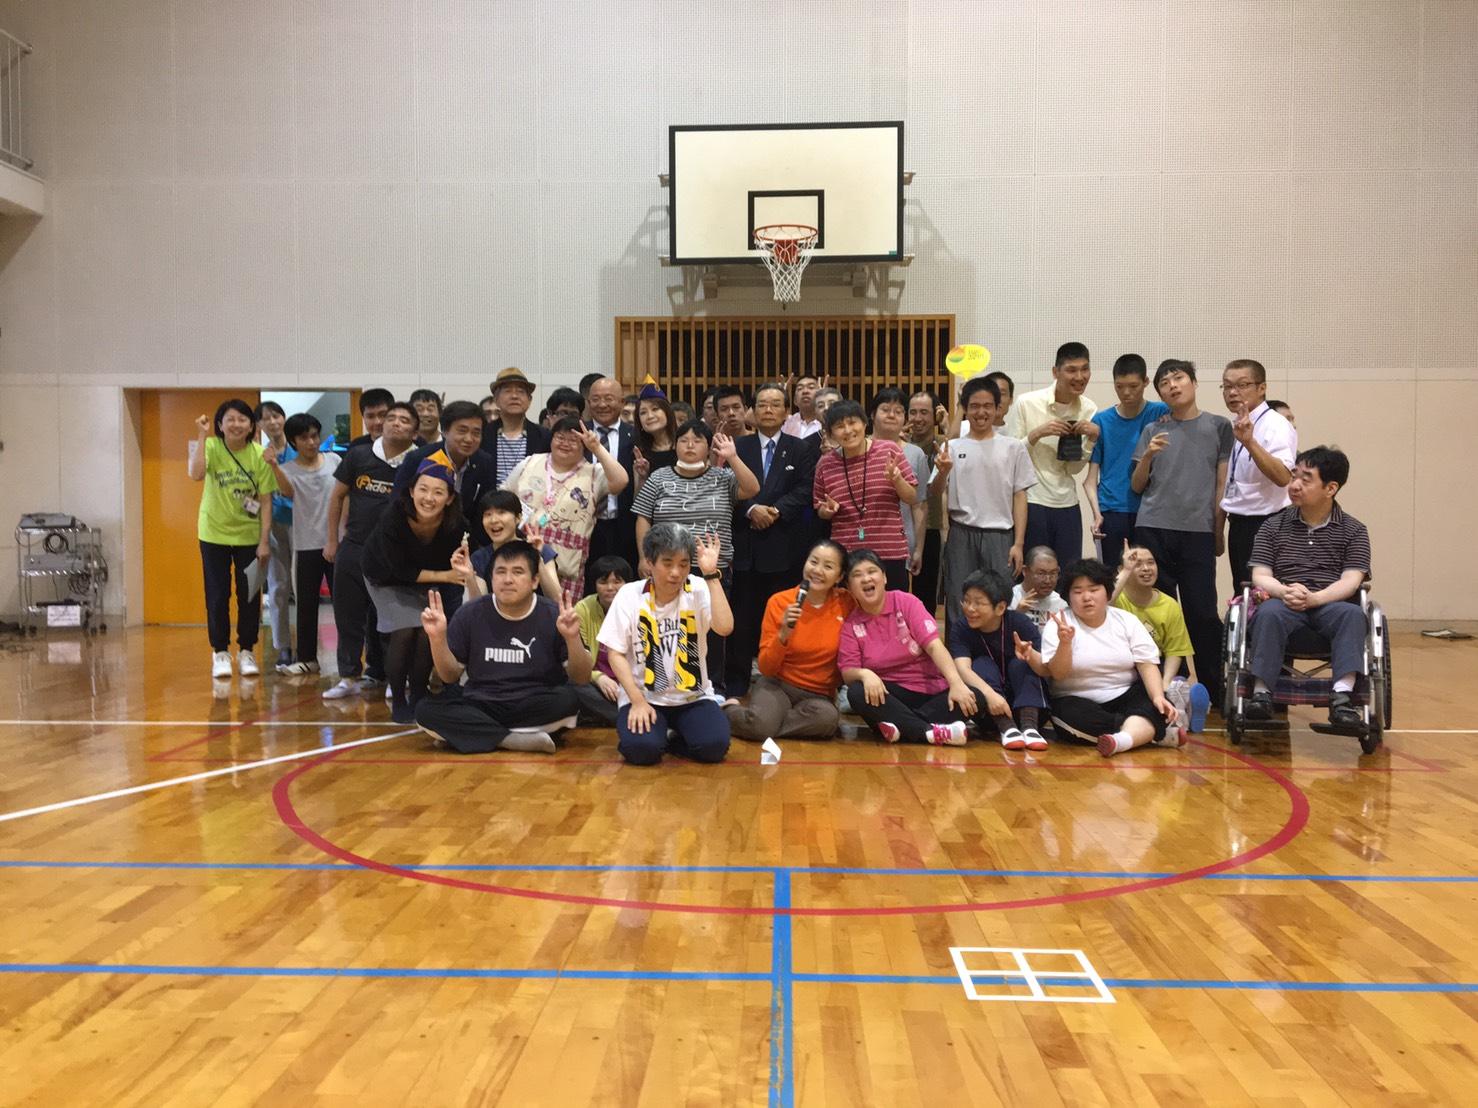 福岡大樹ライオンズクラブ ももち福祉プラザへの訪問